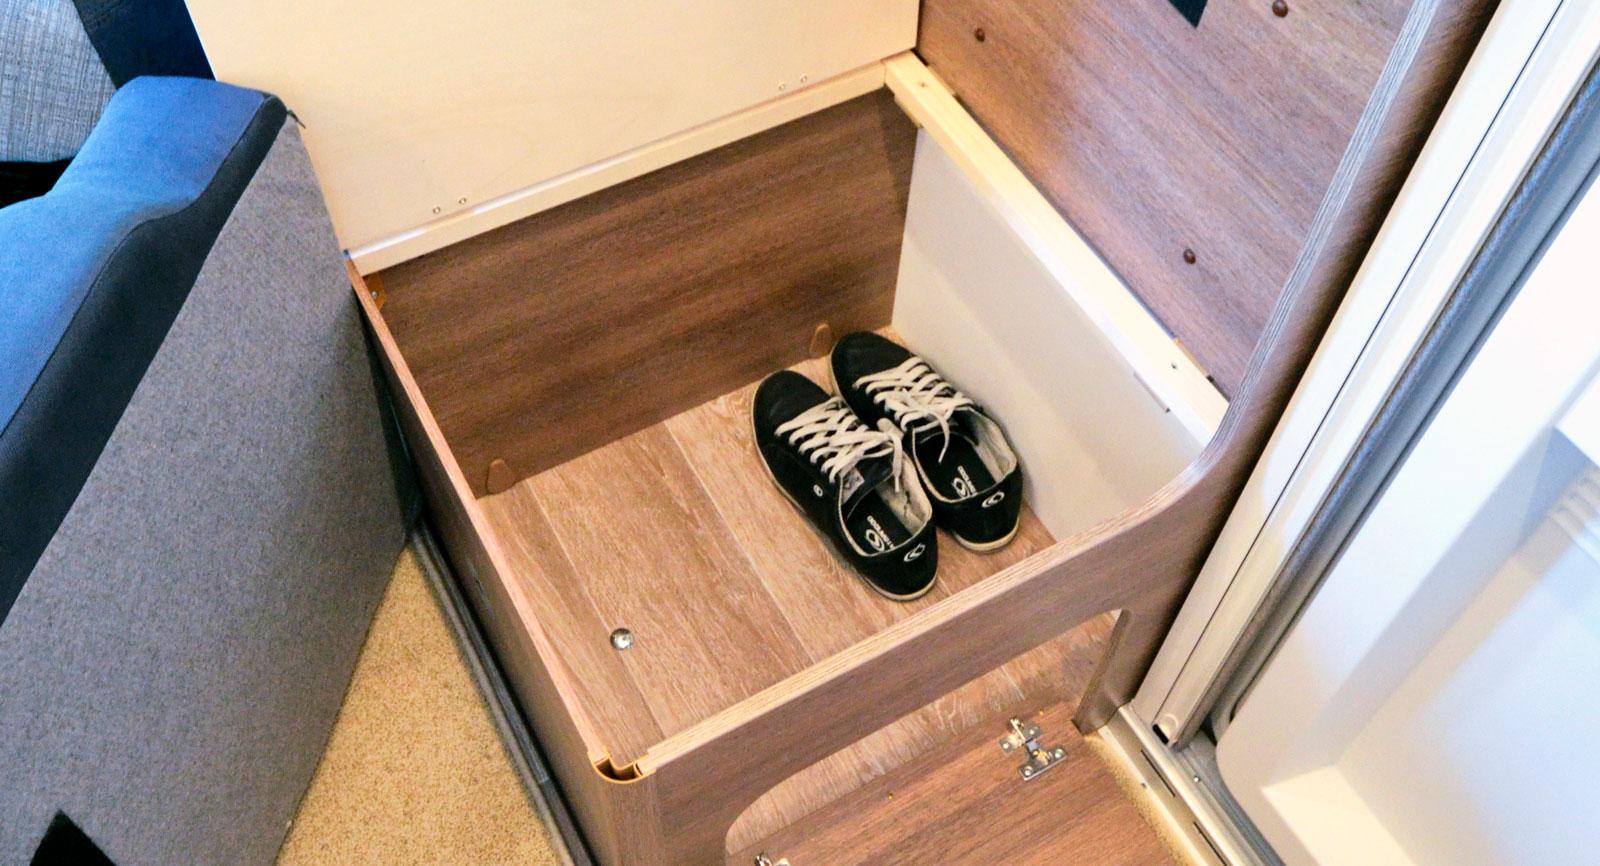 Under sidosätet är det helt tomt vilket ger ett rymligt utrymme för skor och kängor.